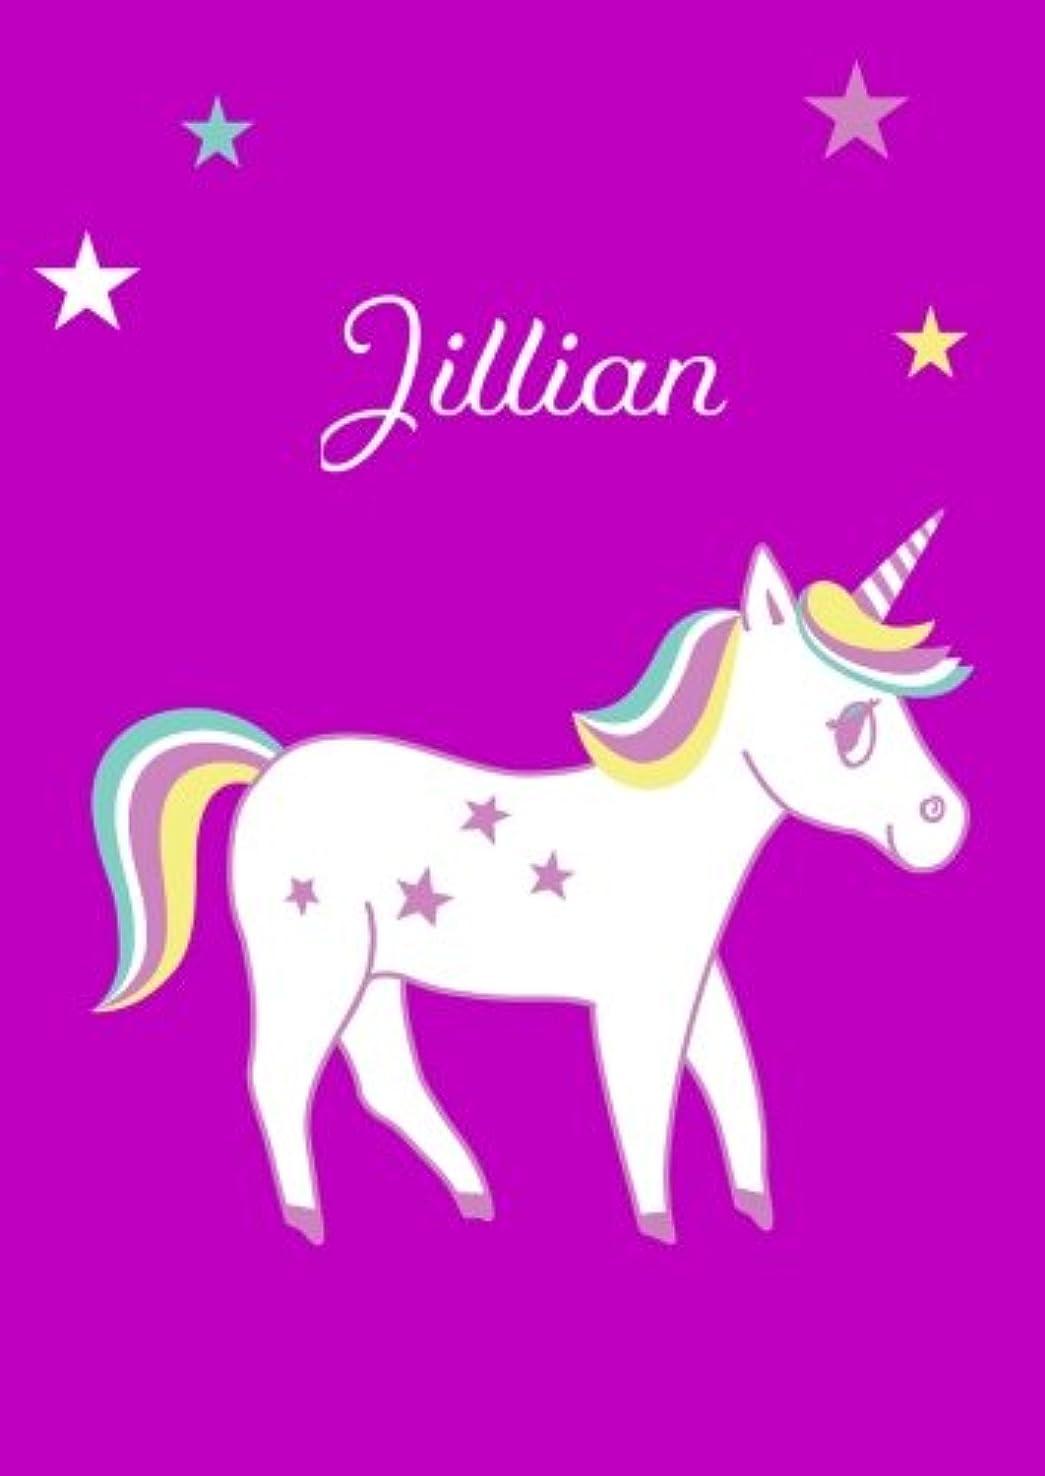 ワイプひどく爵Jillian: Unicorn Notebook / Coloring Book / Diary - DIN A4 - blank